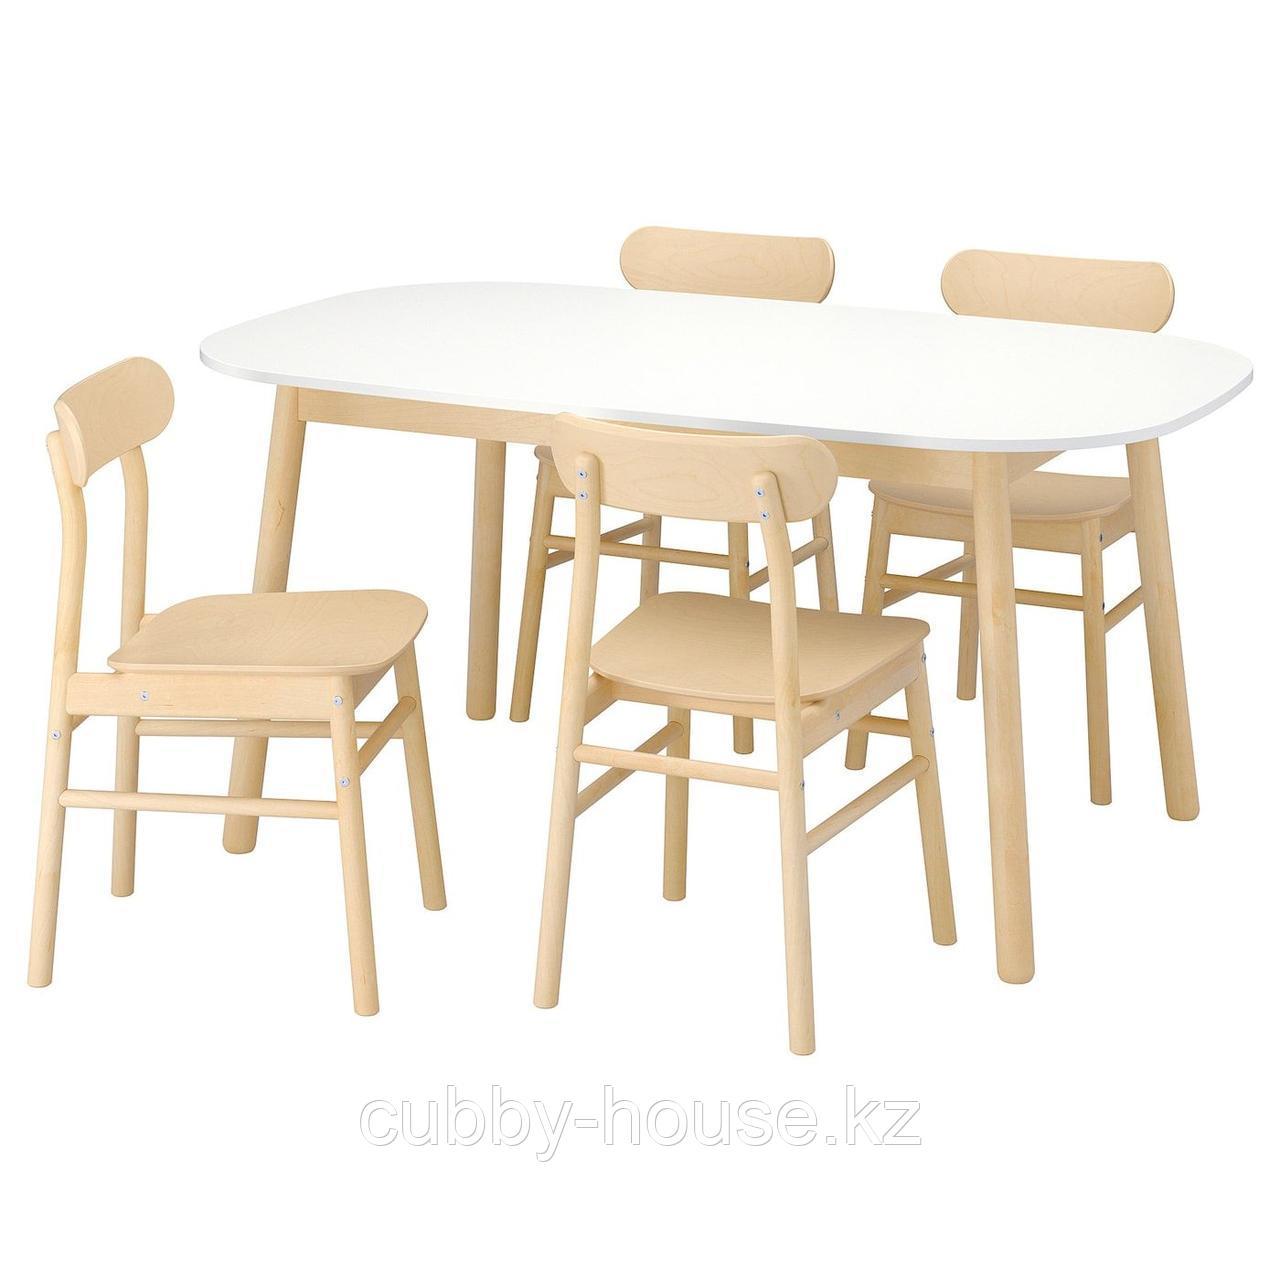 ВЕДБУ / РЁННИНГЕ Стол и 4 стула, белый, береза, 160x95 см